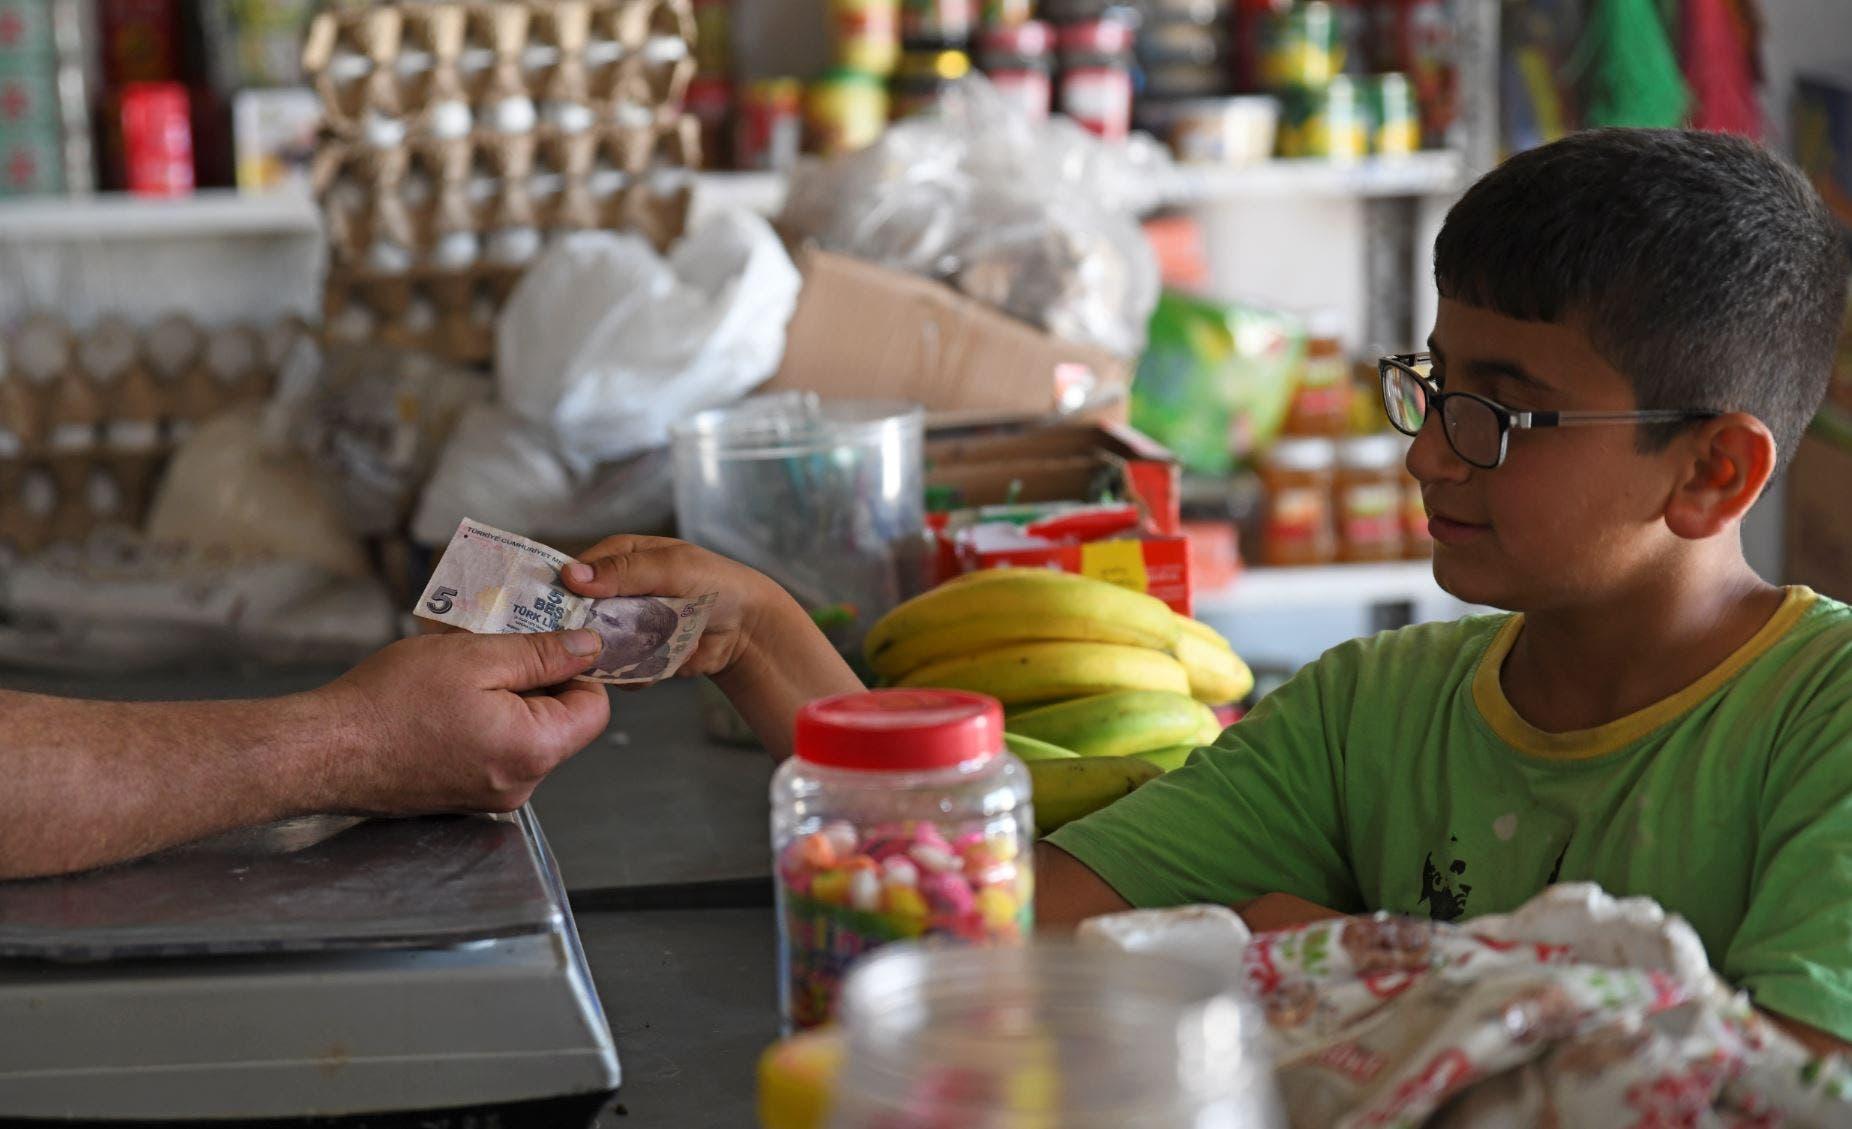 سوريون يتداولون العملة التركية شمال سوريا (فرانس برس)